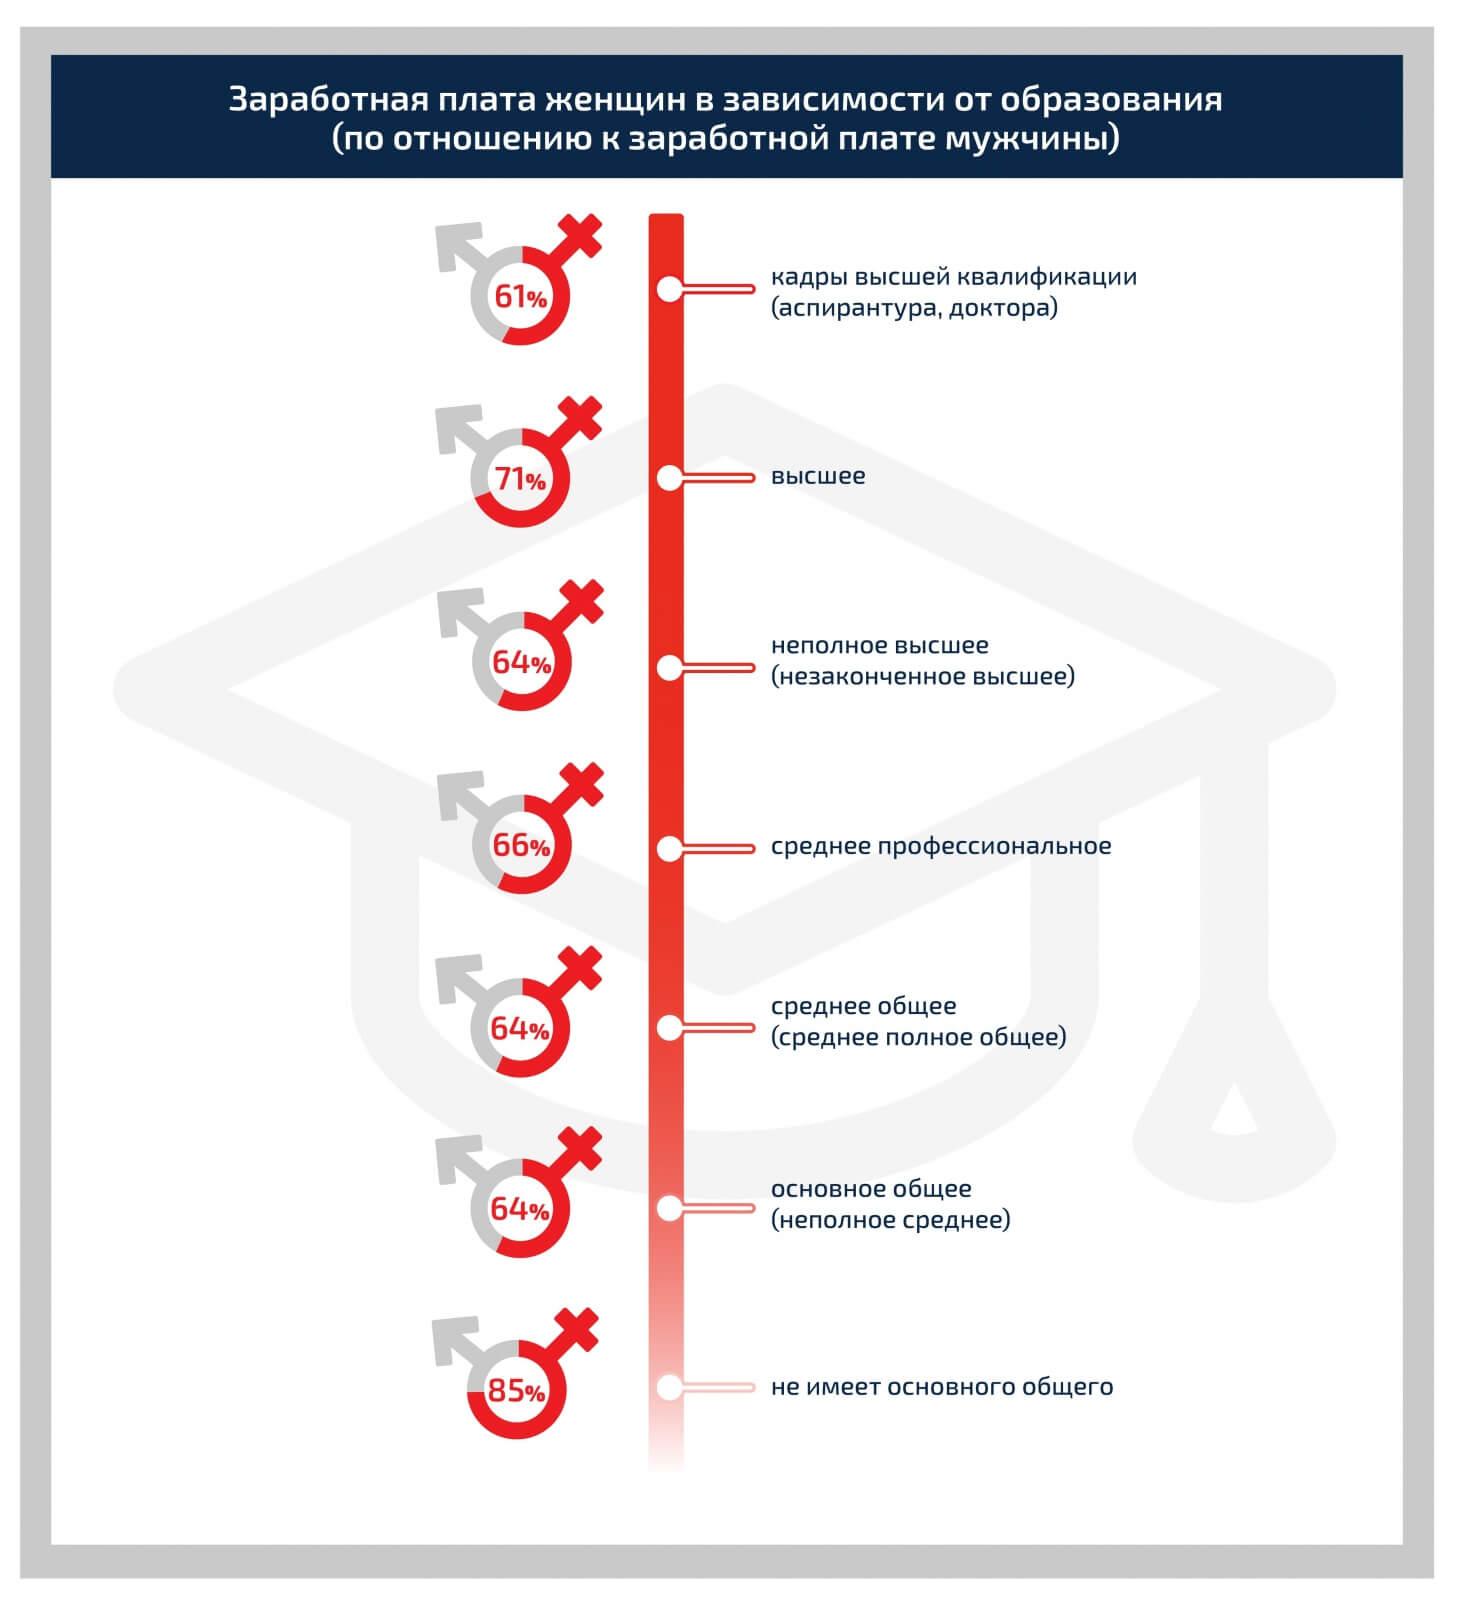 Заработная плата женщин в зависимости от образования